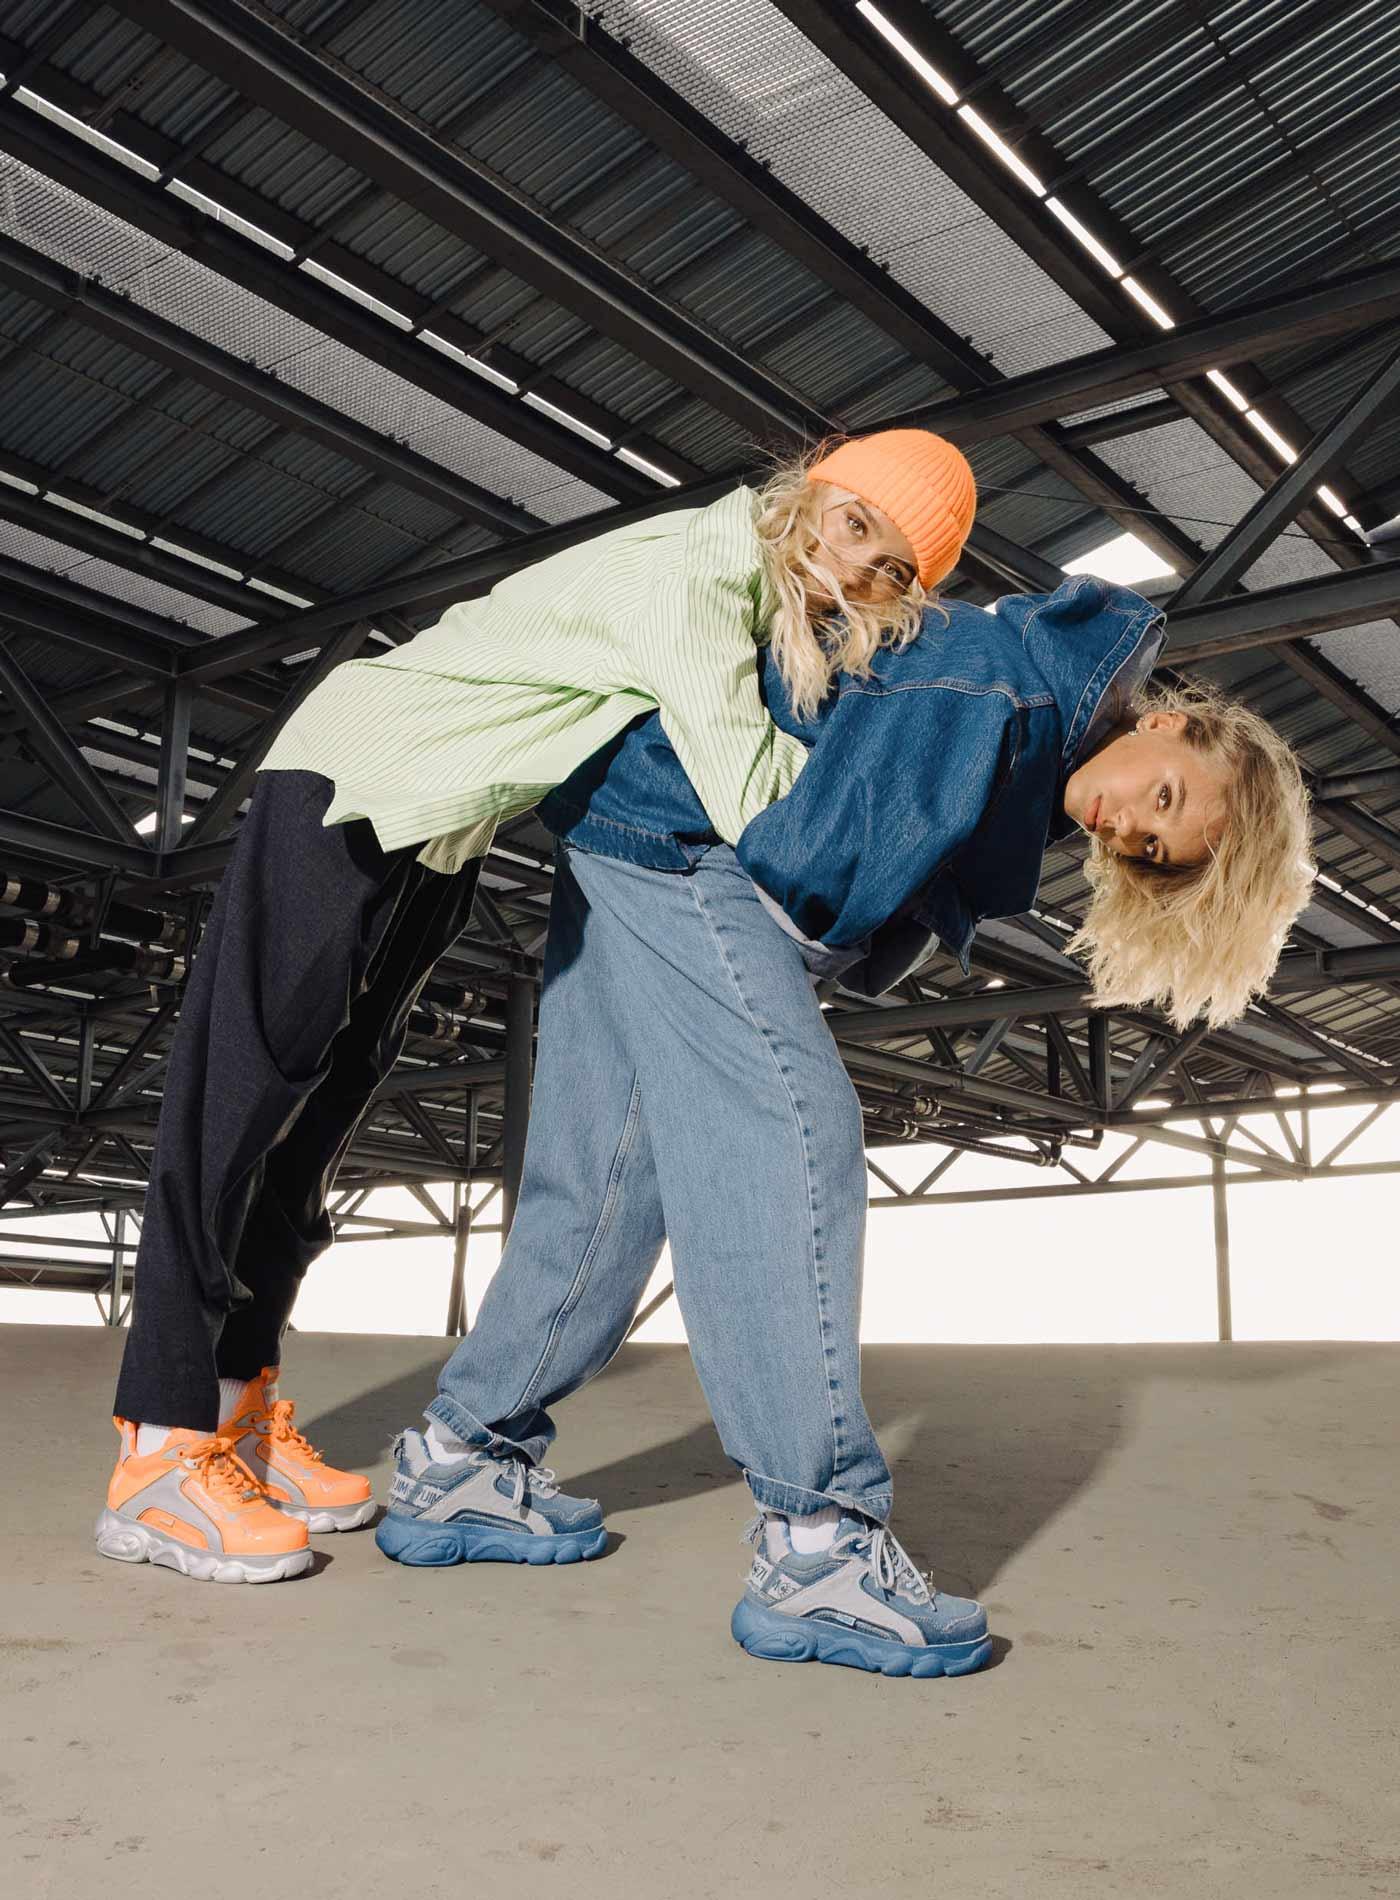 Lisa_and_Lena_Buffalo_Thumb_2